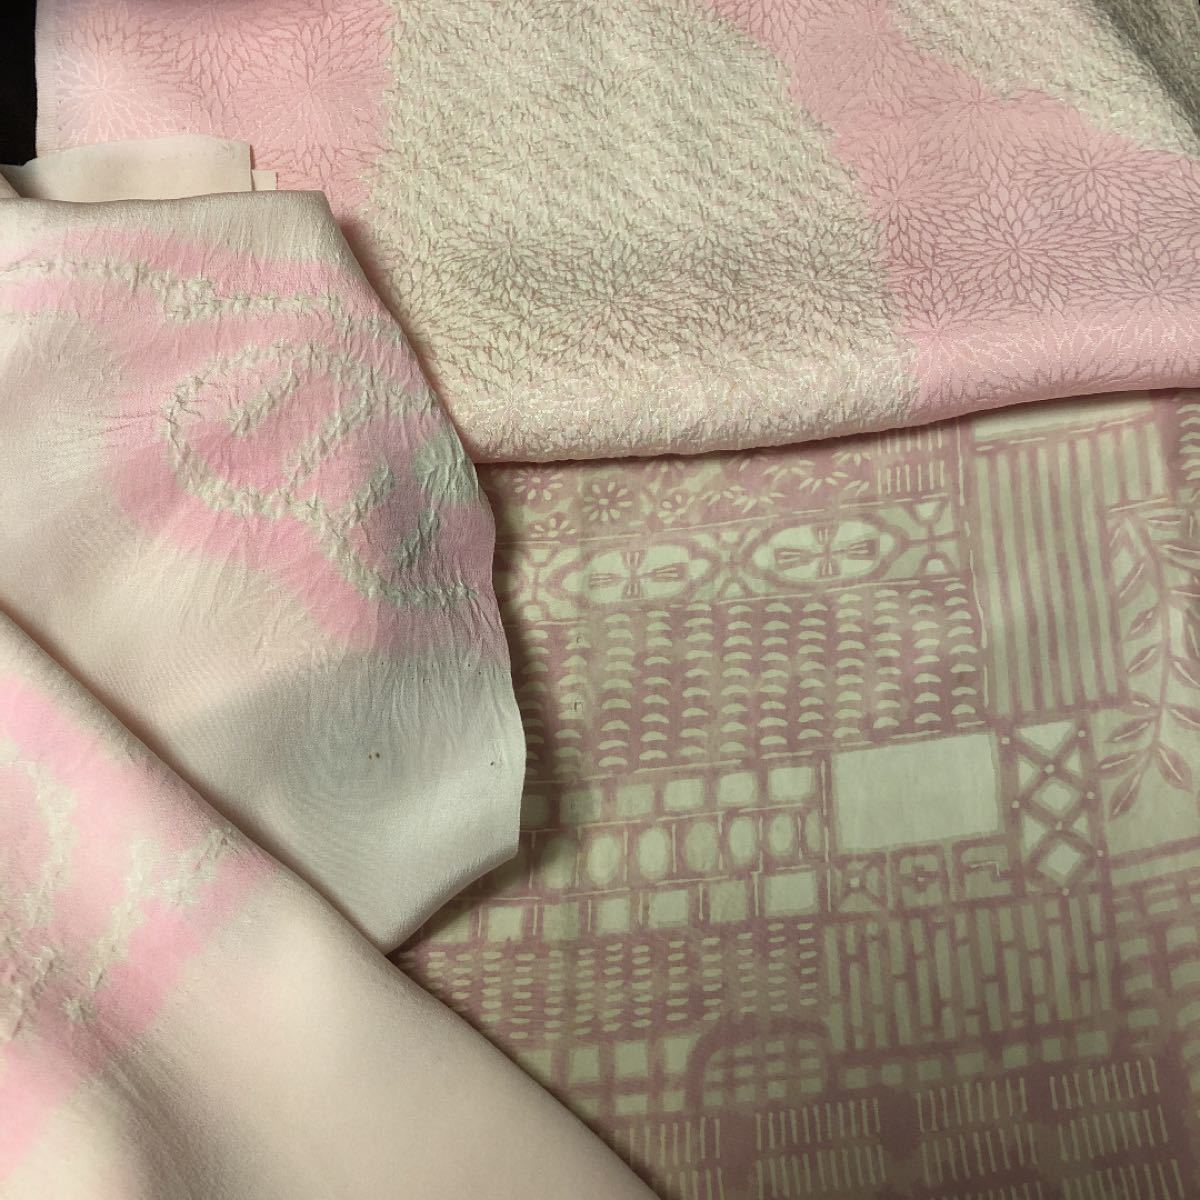 着物の長襦袢 裏地 はぎれ 和装小物 人形着物にリメイク 着物はぎれ パッチワーク ハンドメイド素材